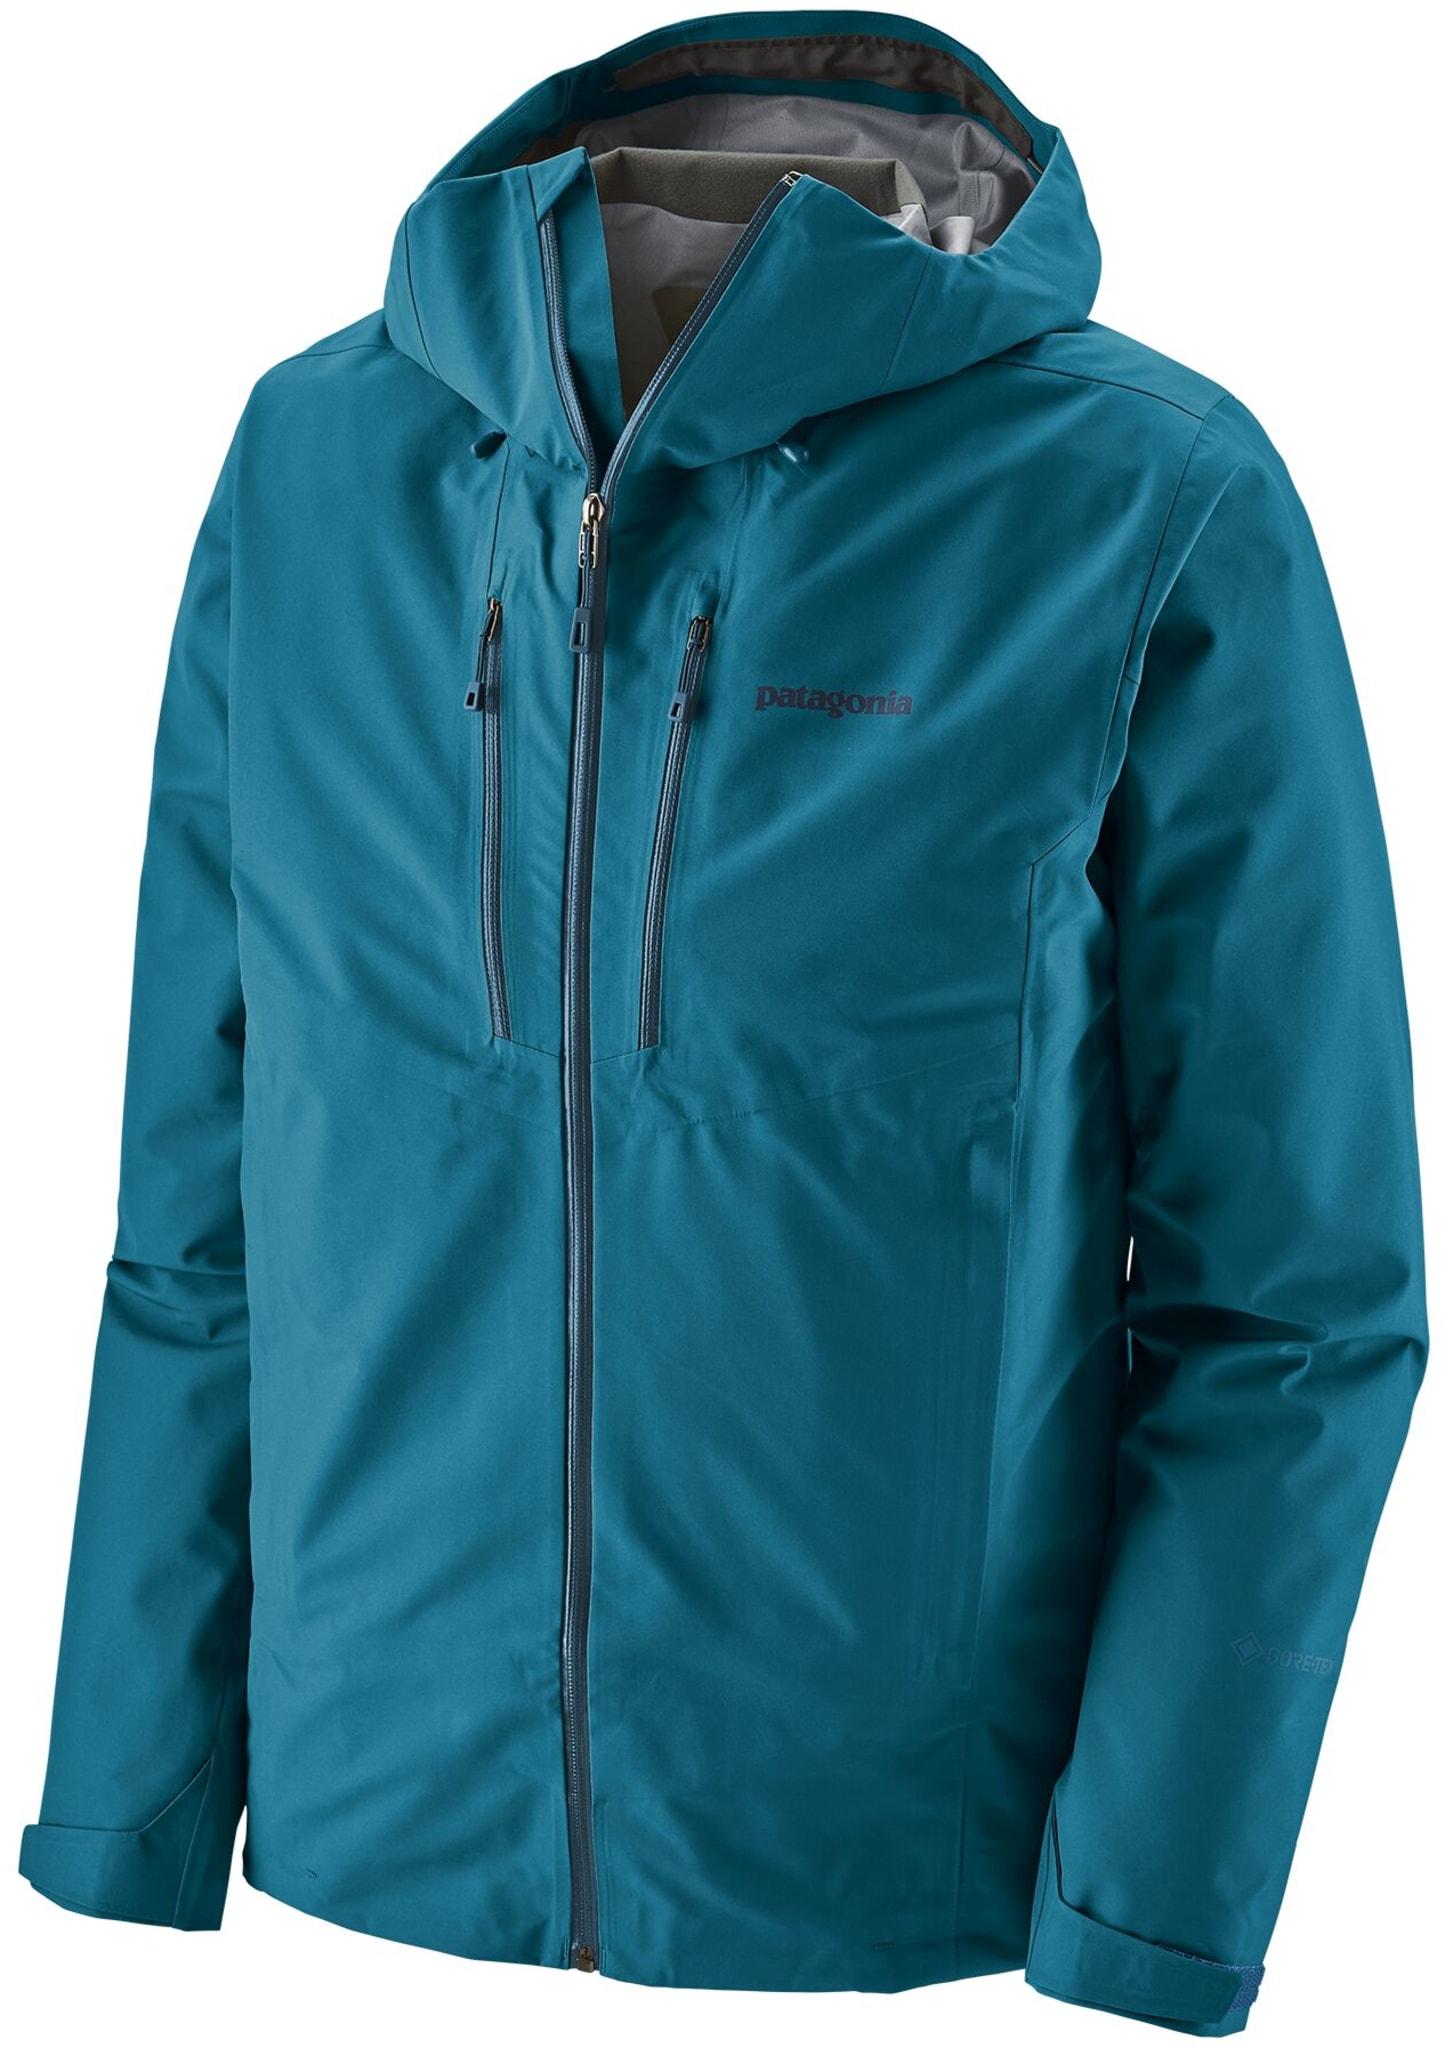 Vanntett jakke i GORE-TEX for alpine aktiviteter hele året